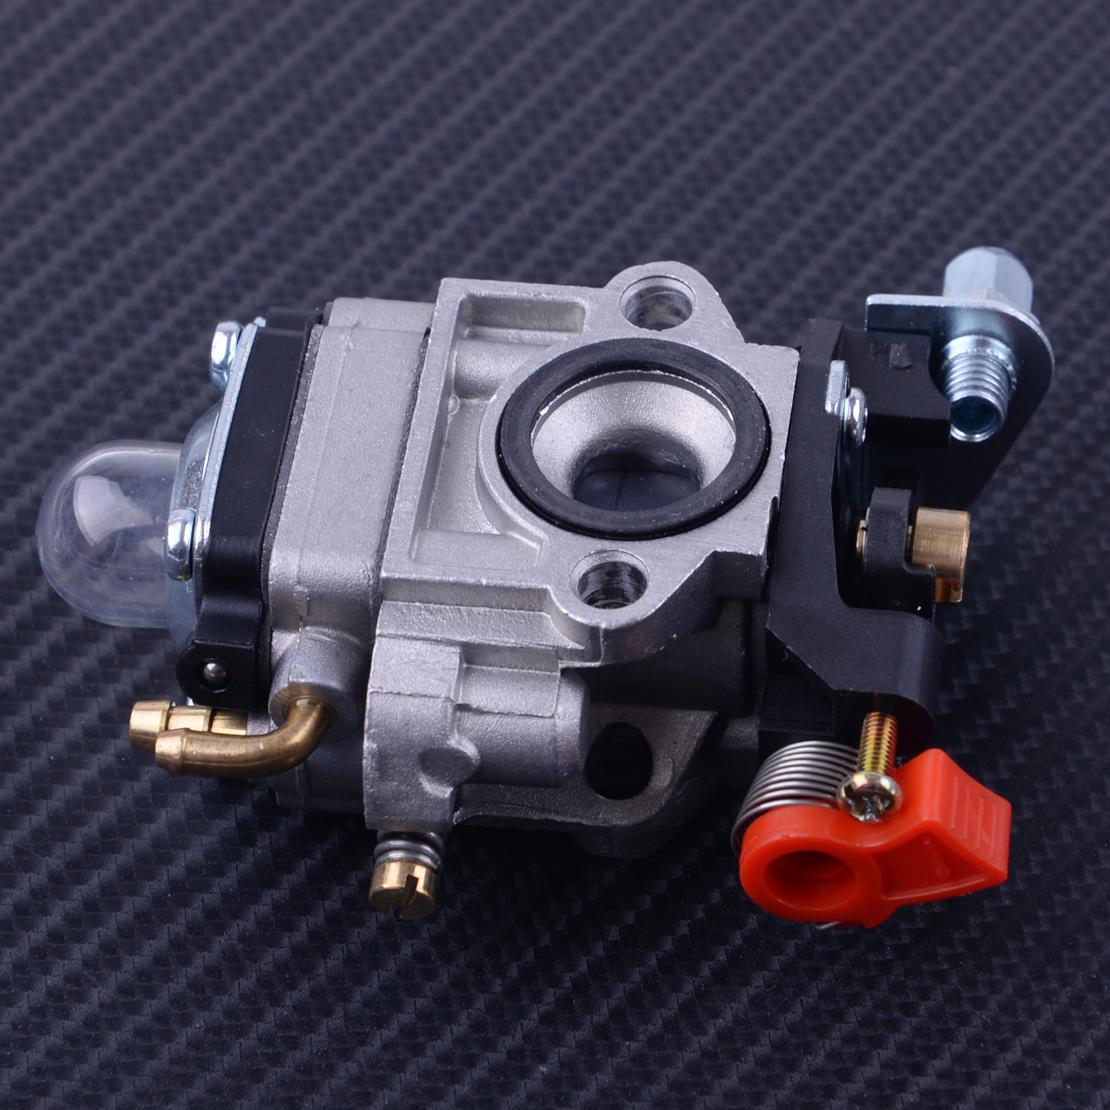 Screwfix TITAN TTL 688 Hedge Trimmer FULL Ruixing Carburetor Carb Kit spares